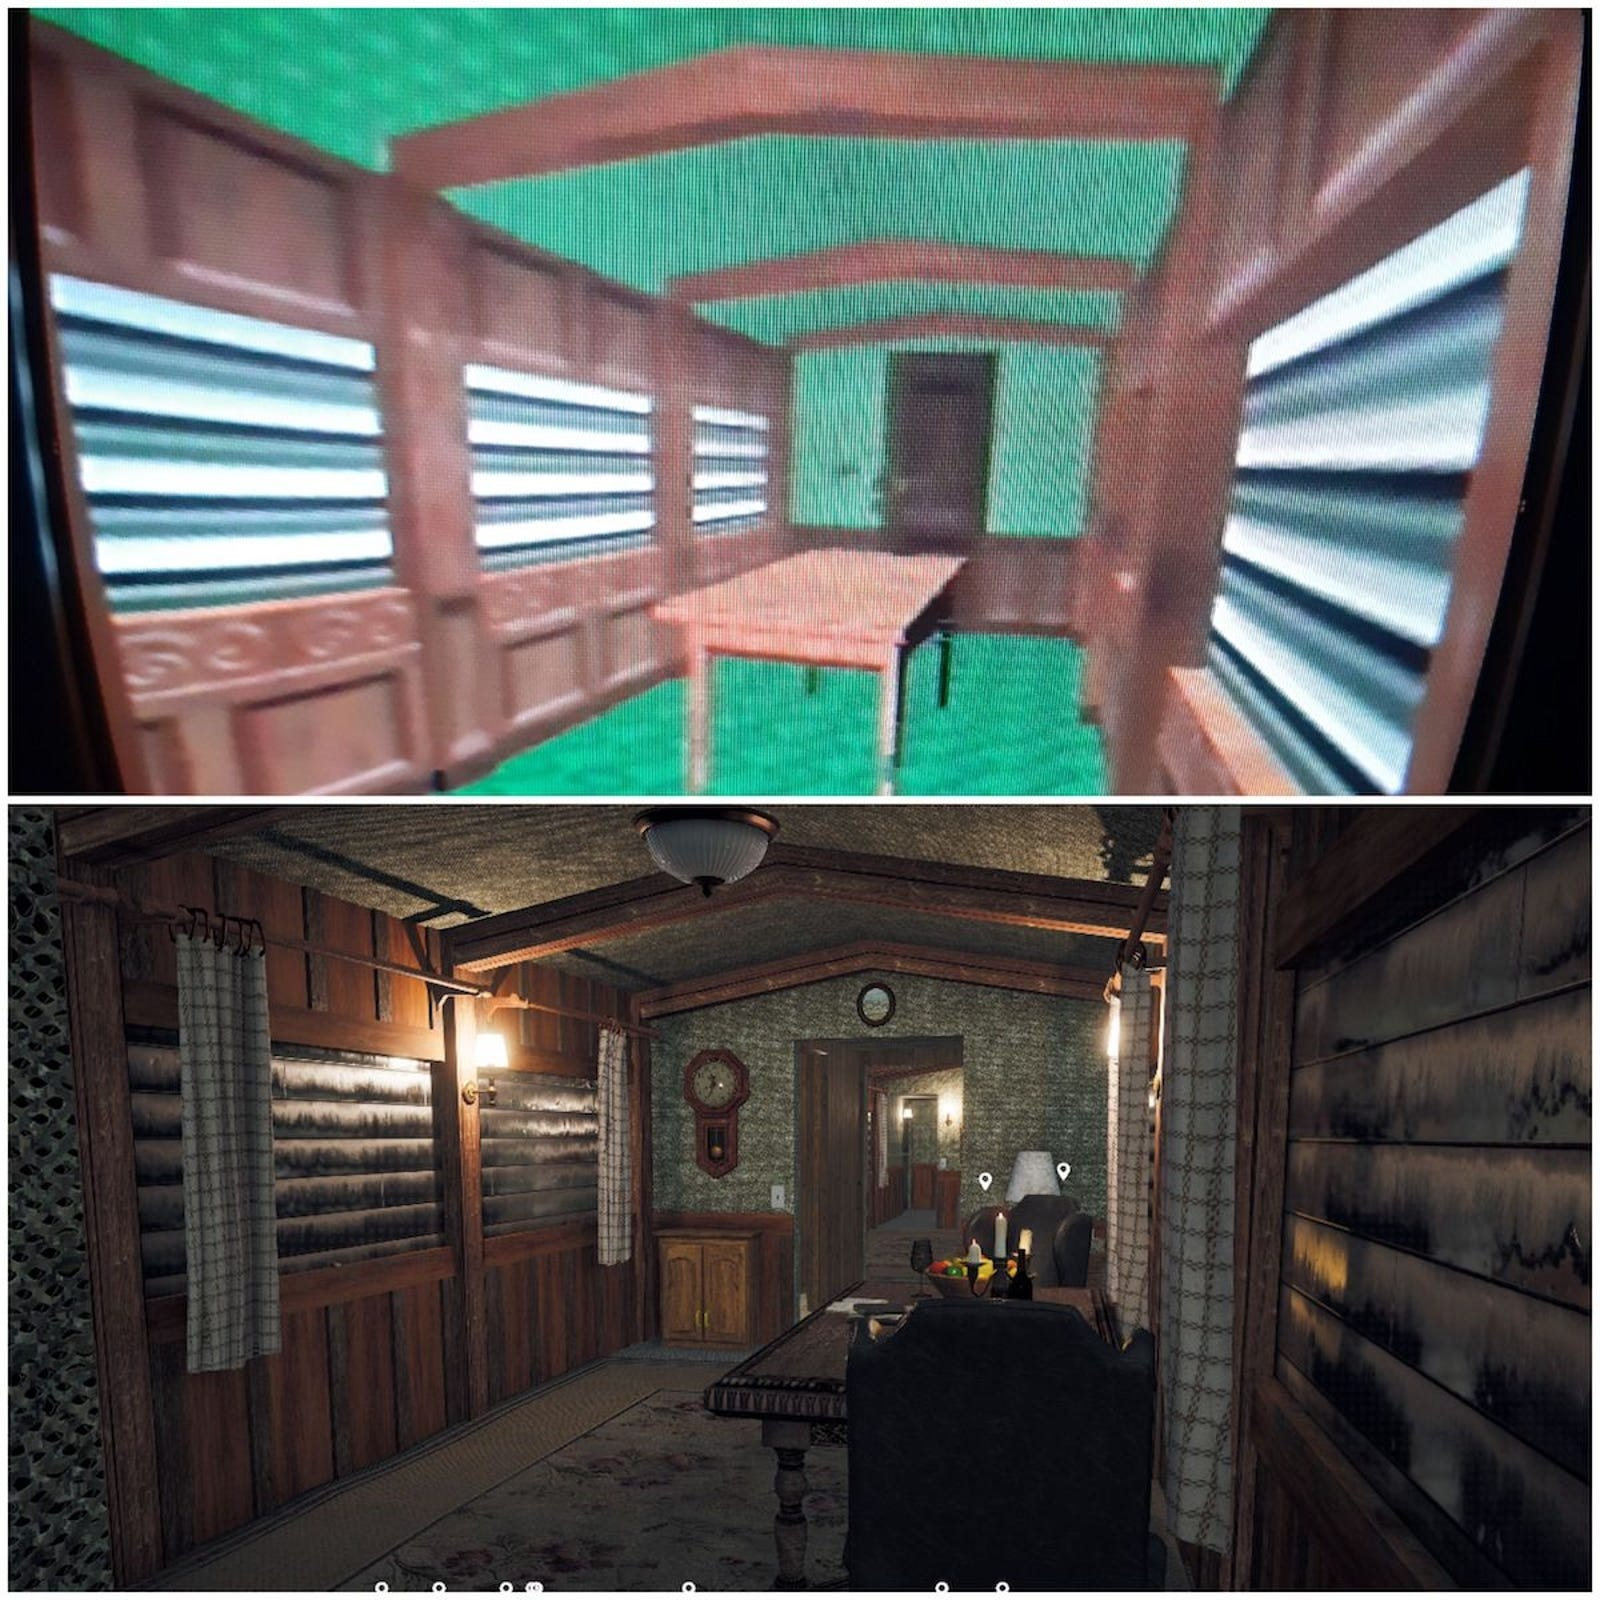 玩家花三年时间在《孤岛惊魂5》里重现《007黄金眼》